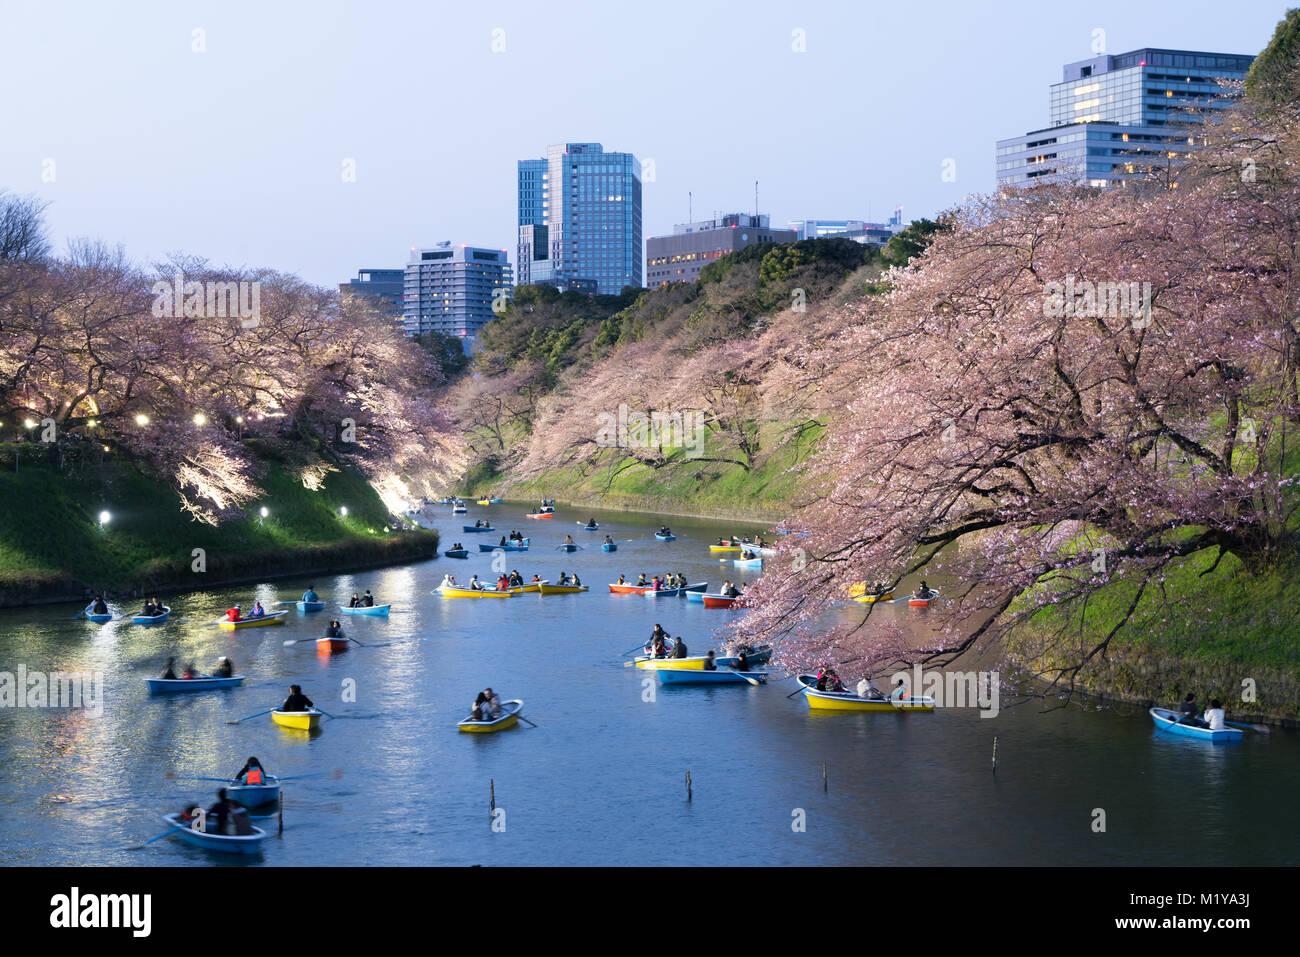 Vue de nuit avec fleurs de cerisier massif de la ville de Tokyo comme arrière-plan. Photoed à Chidorigafuchi, Photo Stock